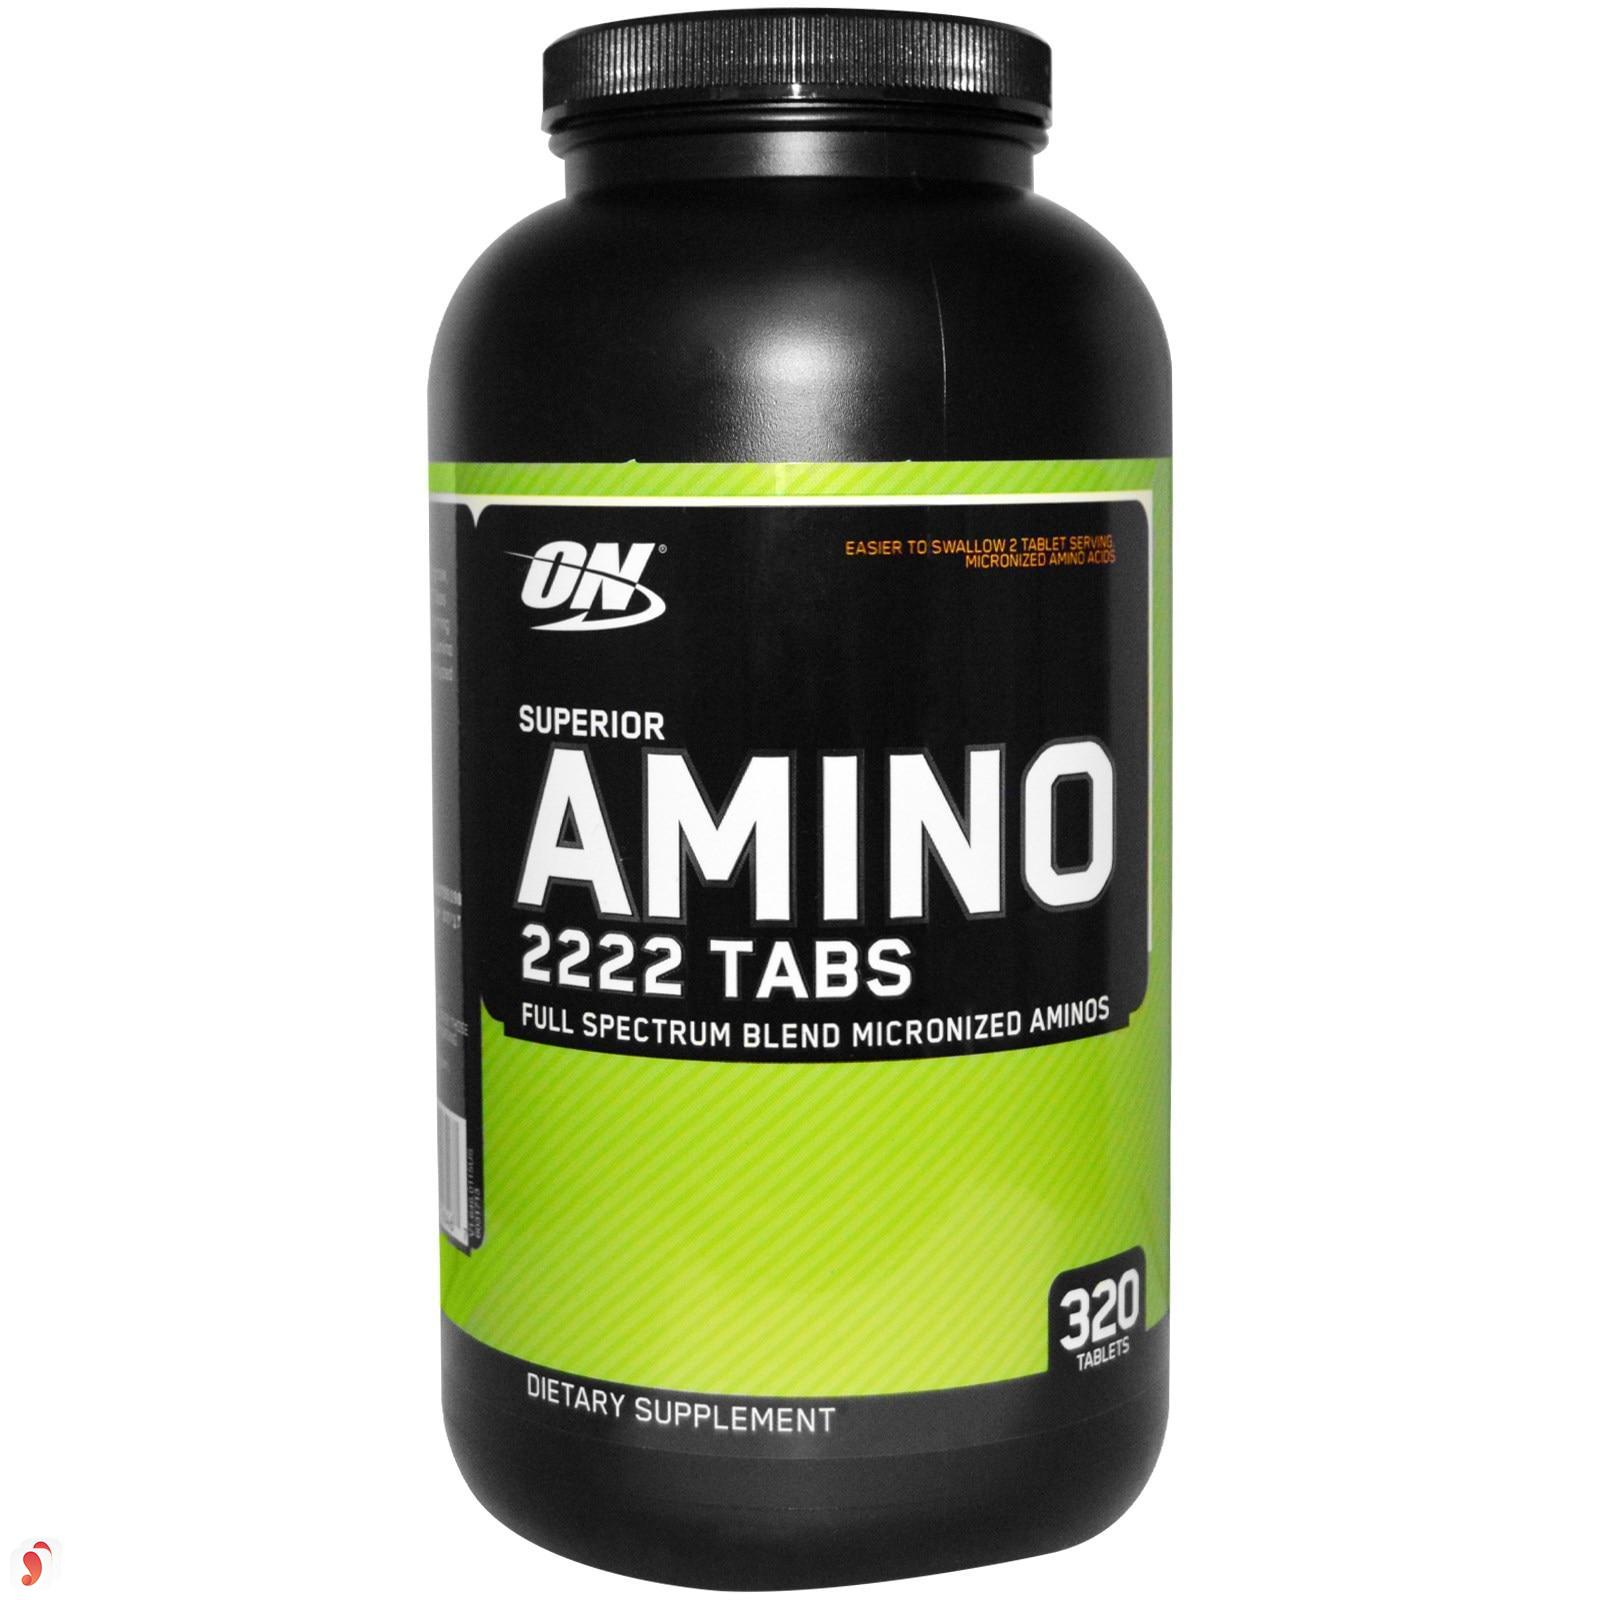 thực phẩm chức năng Amino 2222